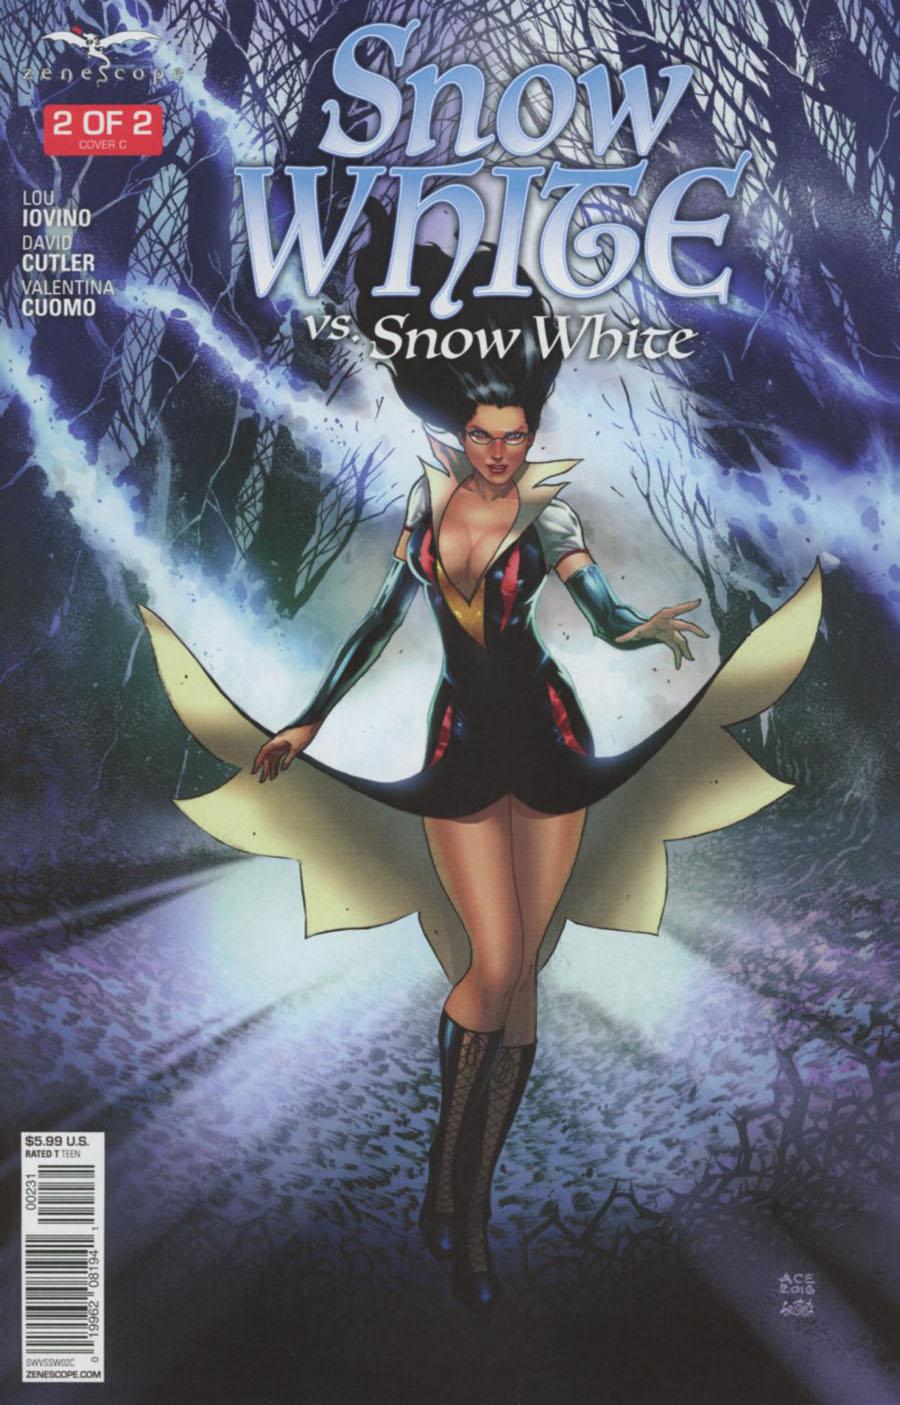 Grimm Fairy Tales Presents Snow White vs Snow White #2 Cover C Ace Continuado